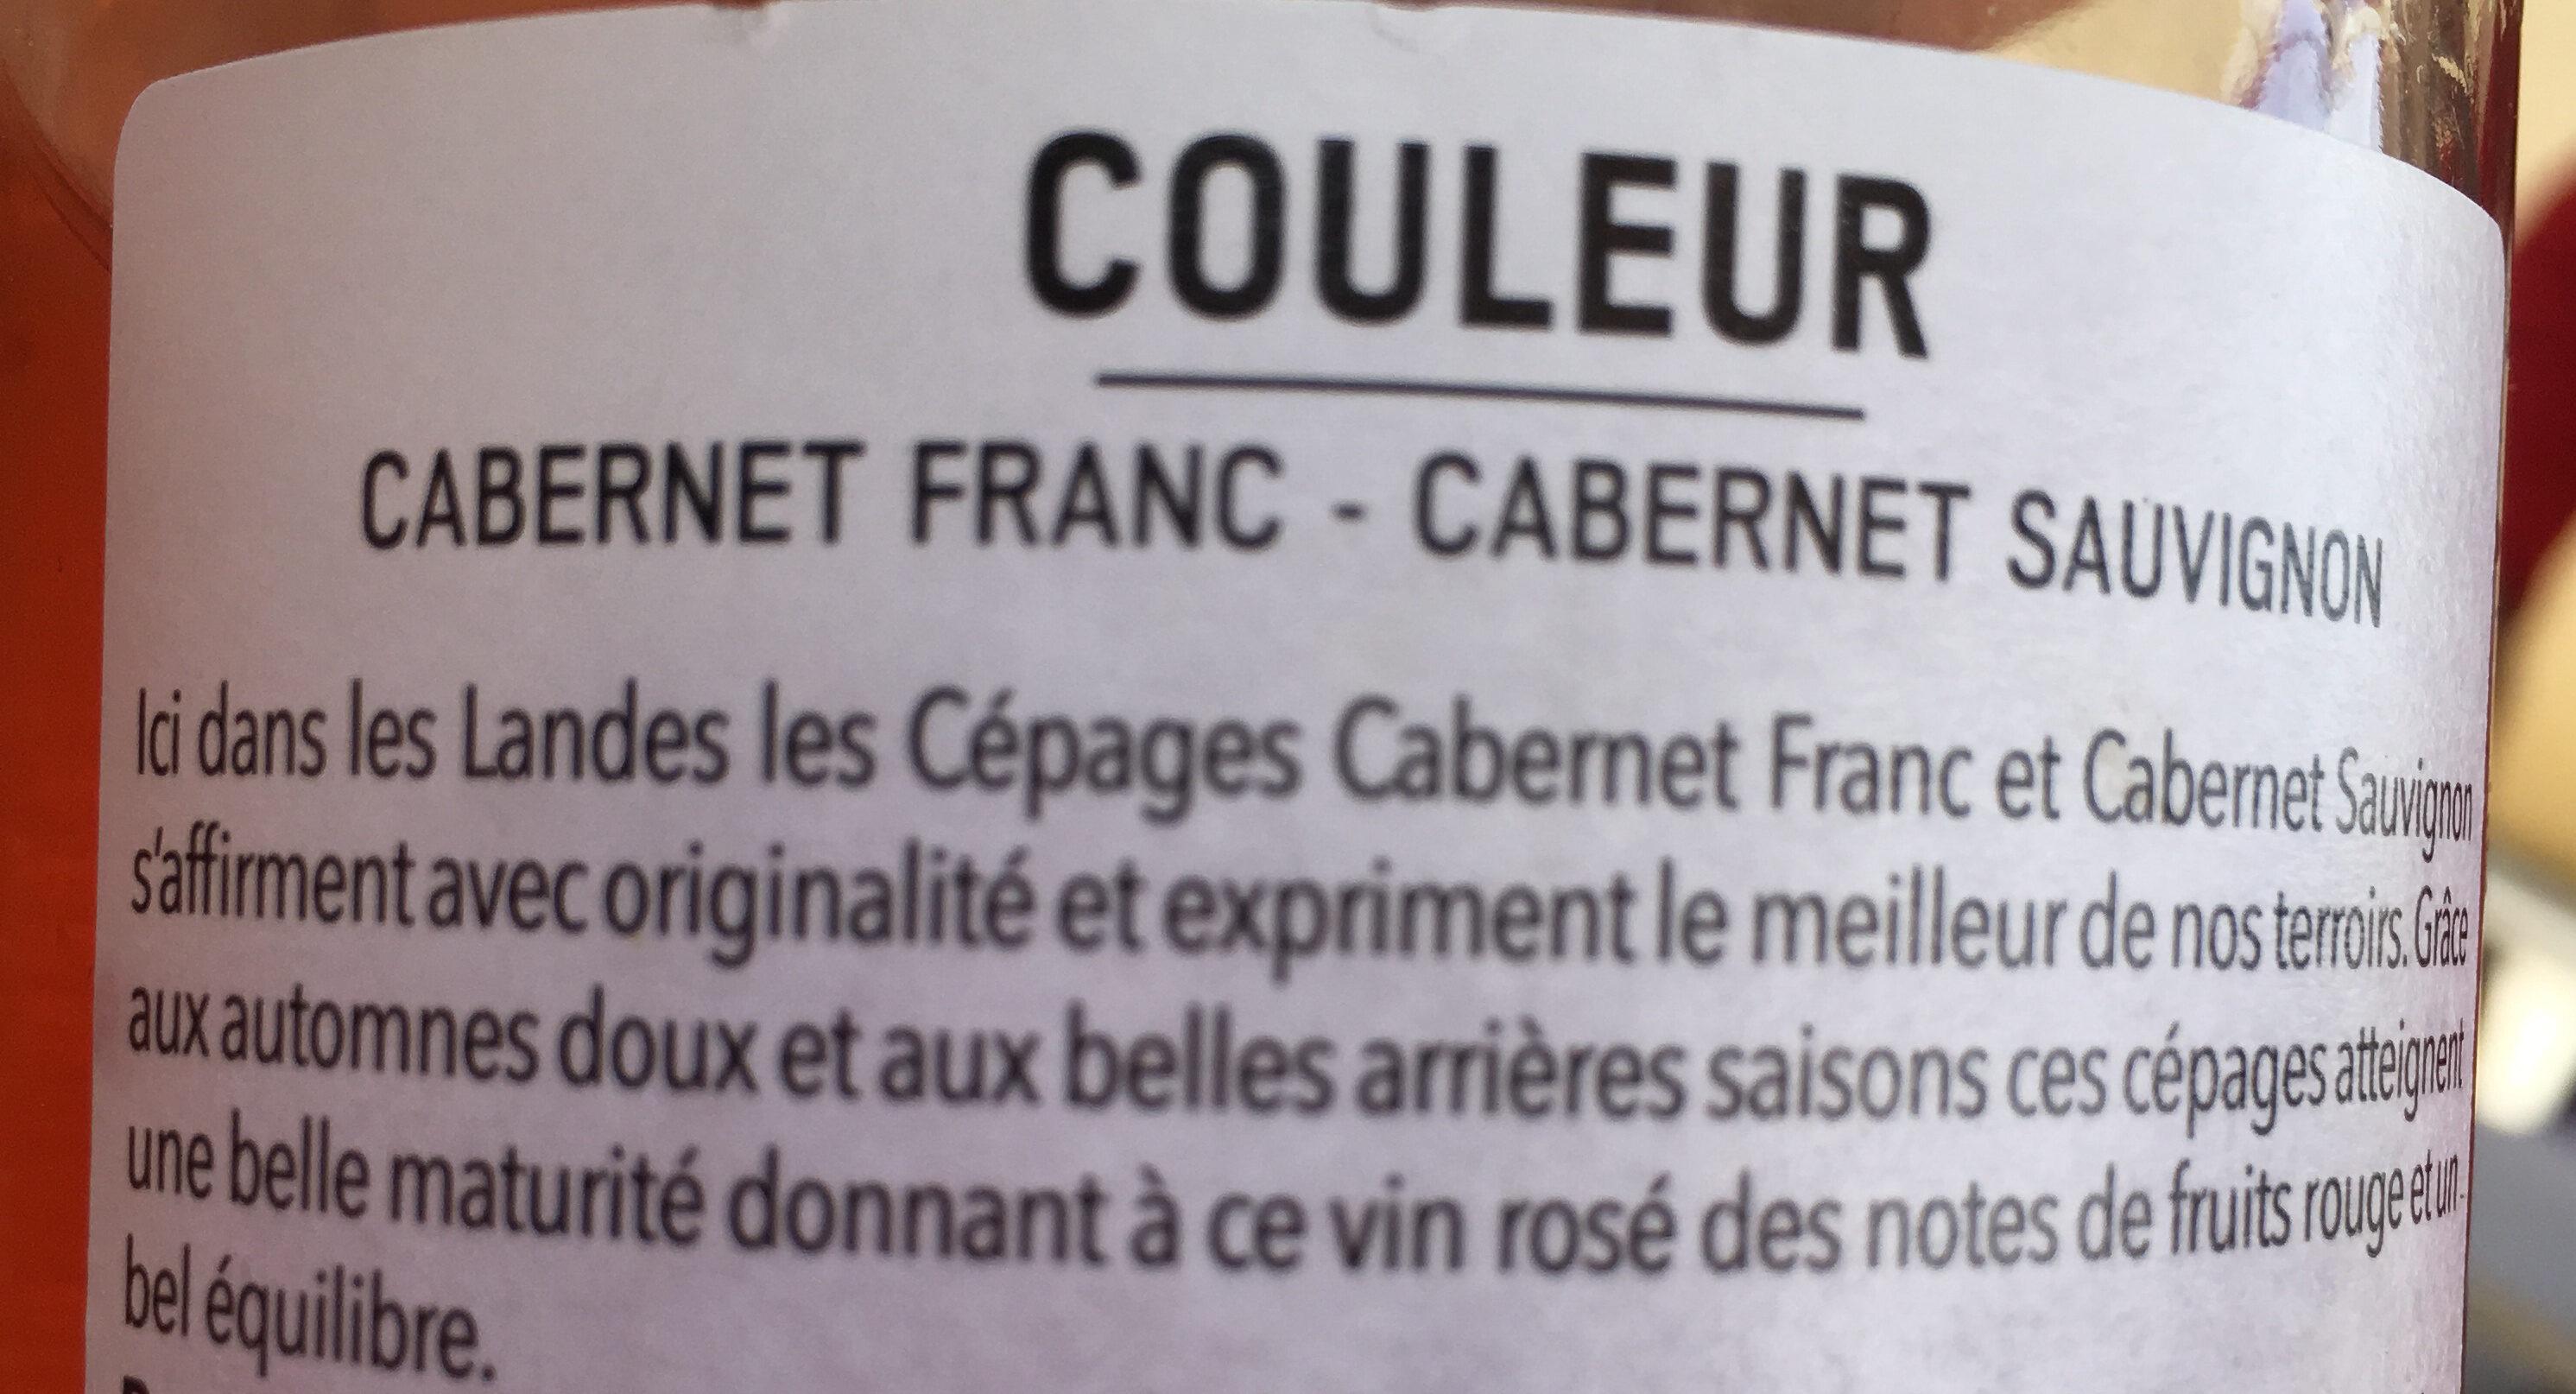 Landes - Ingredients